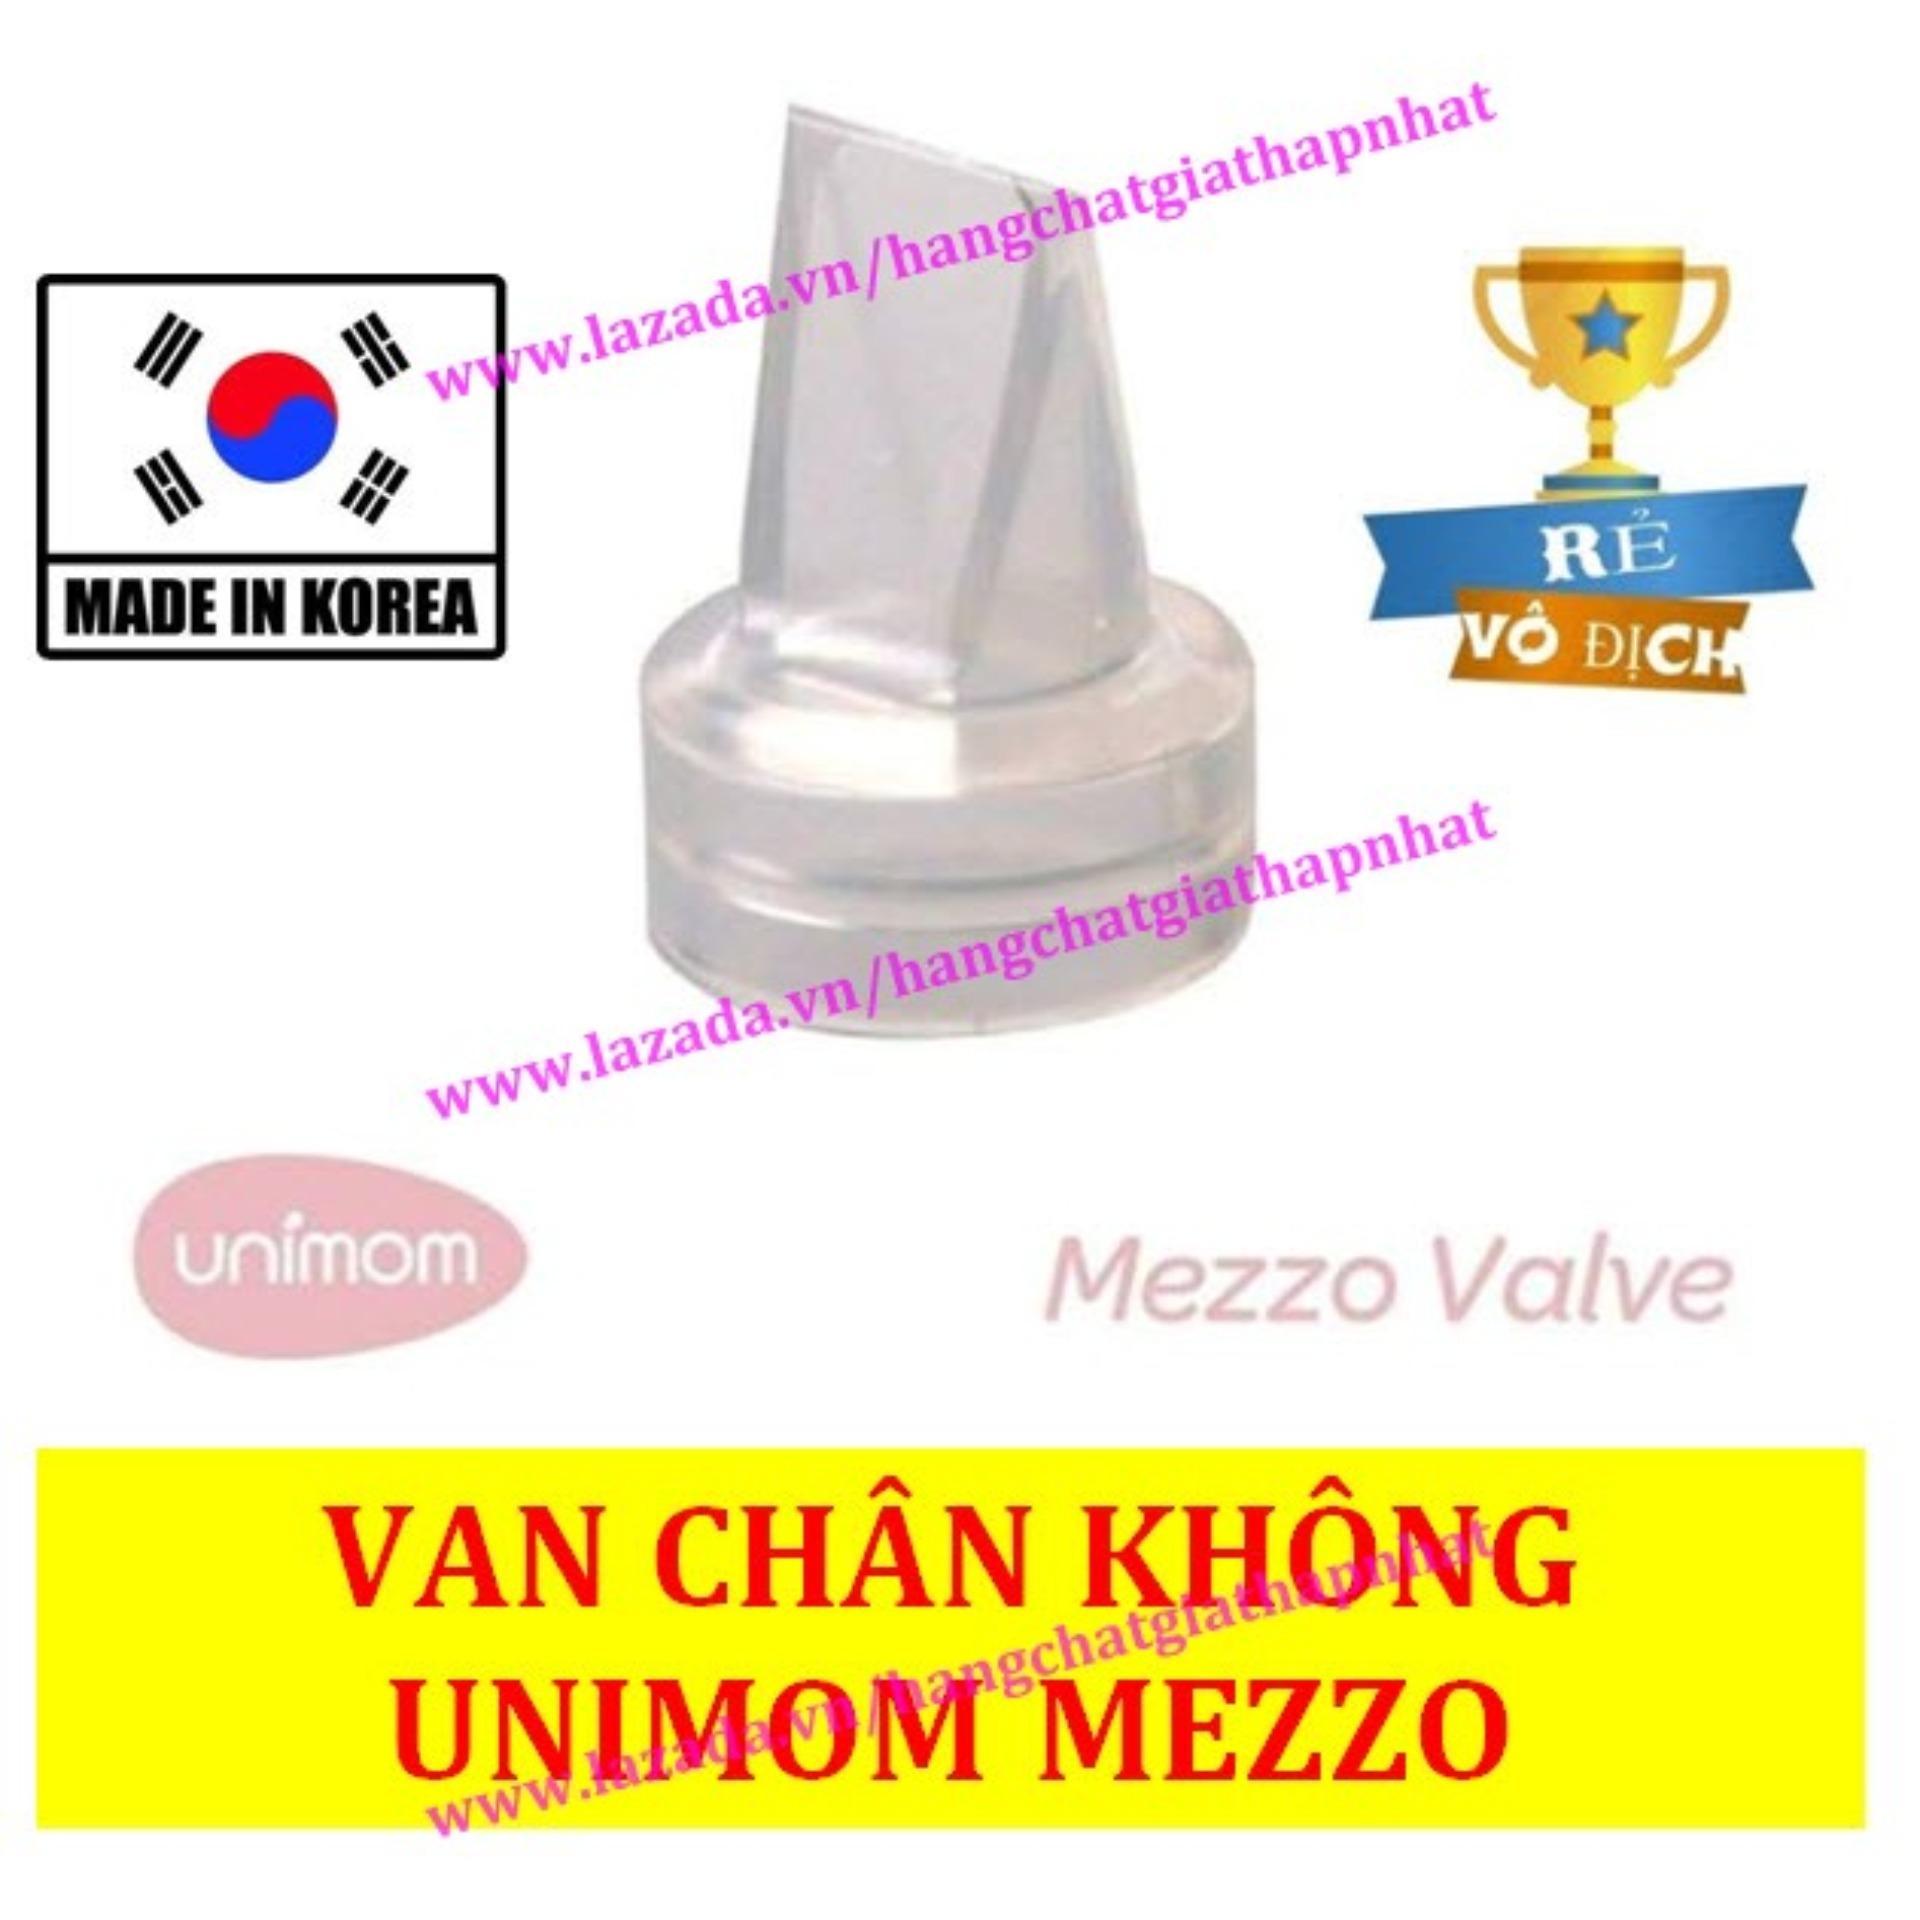 Mã Khuyến Mại tại Lazada cho Van Chân Không - Phụ Kiện Máy Hút Sữa Tay UNIMOM MEZZO (Hàn Quốc)